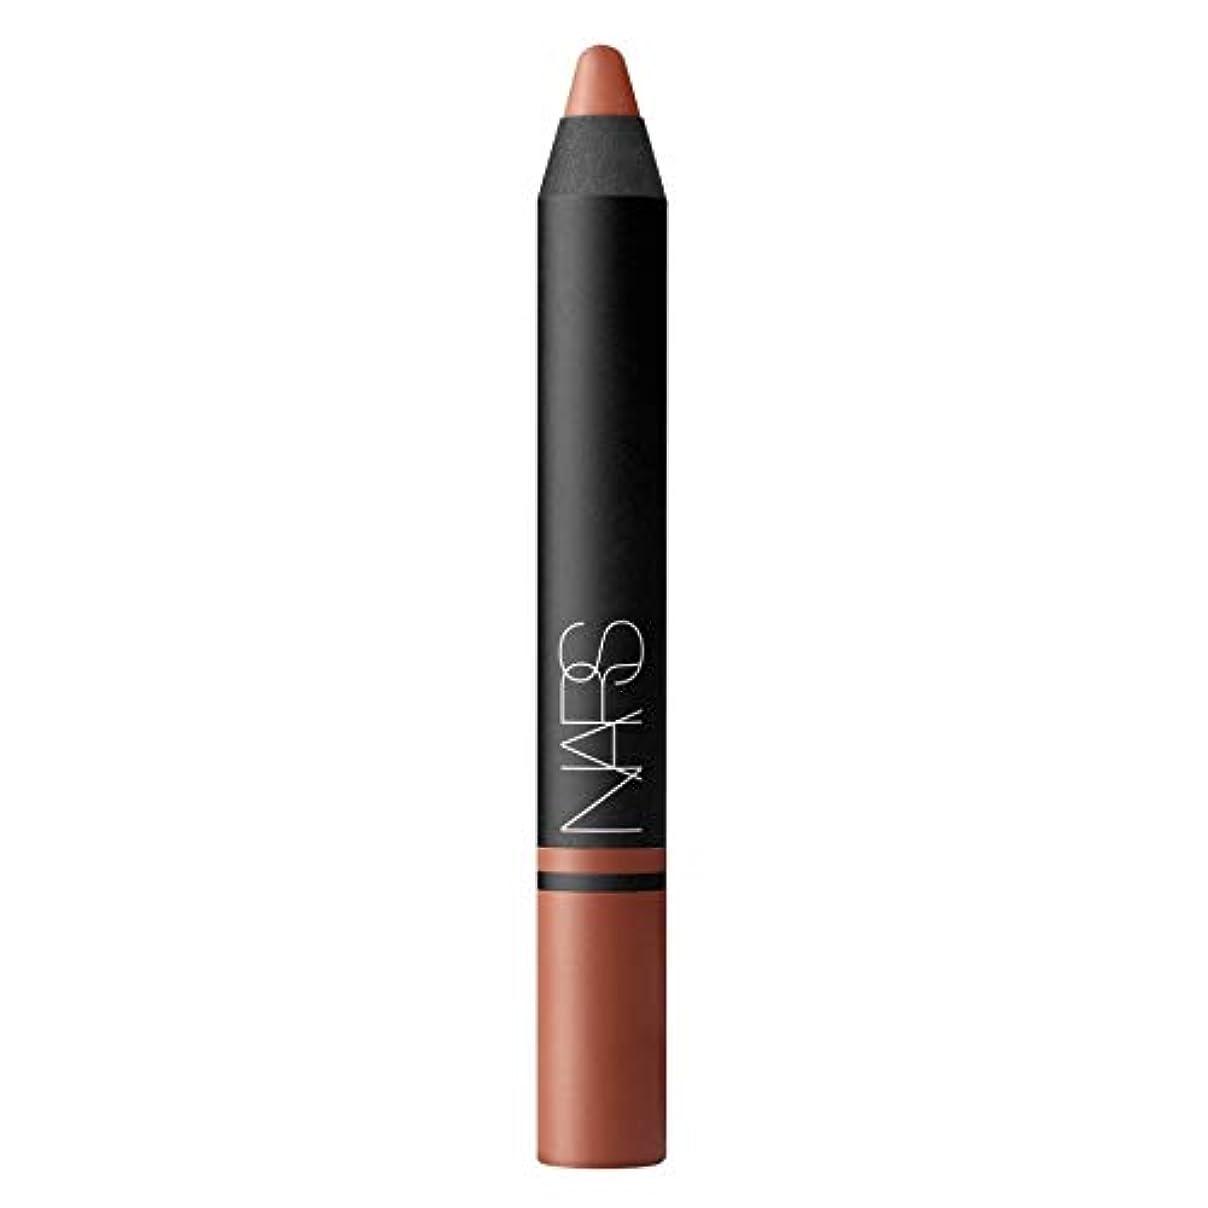 に因子流[NARS] HetのトイレでのリップペンシルサテンのNar - Nars Satin Lip Pencil in Het Loo [並行輸入品]